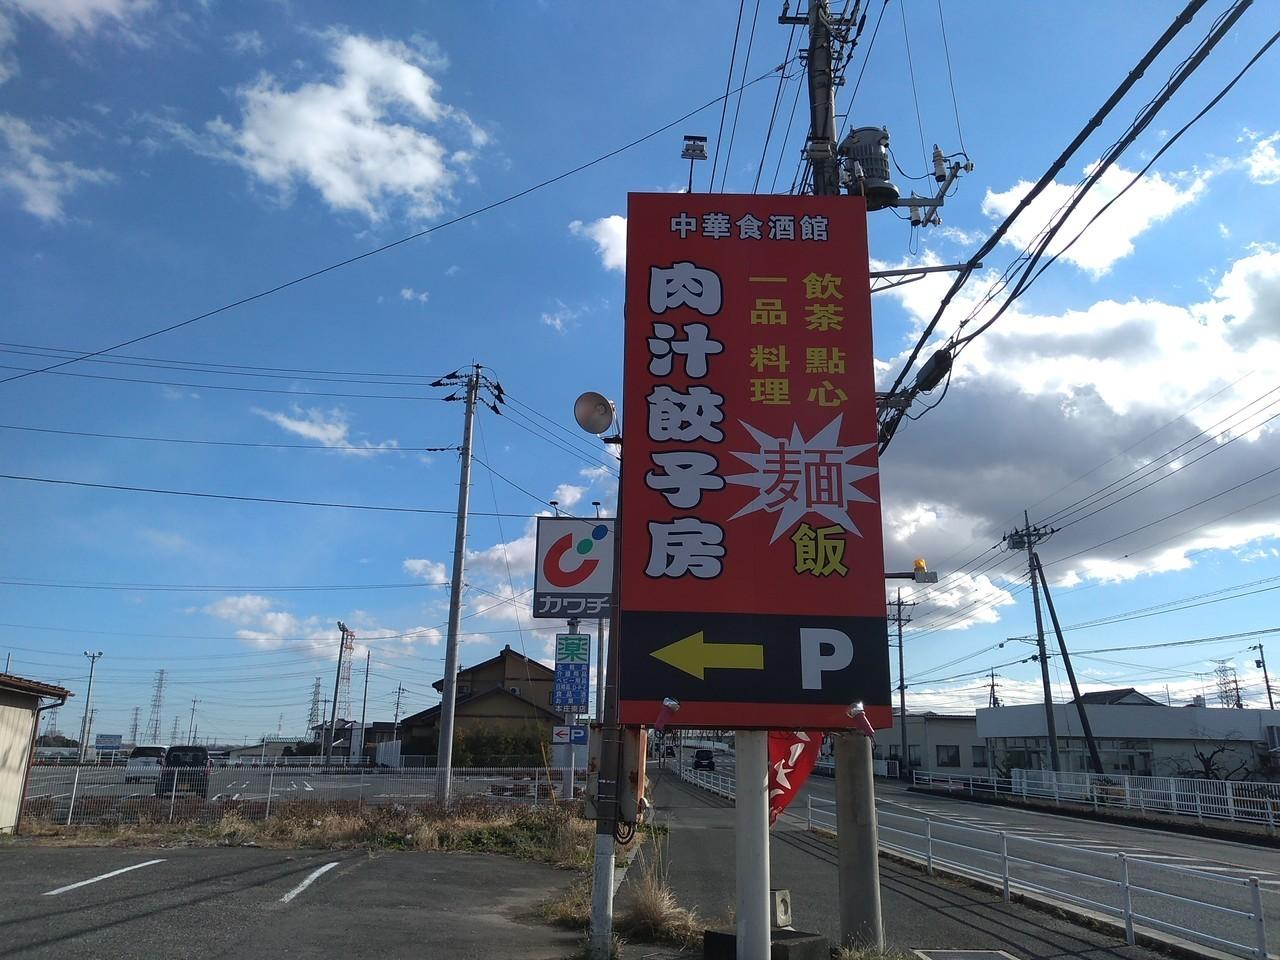 肉汁餃子房 (本庄店) image